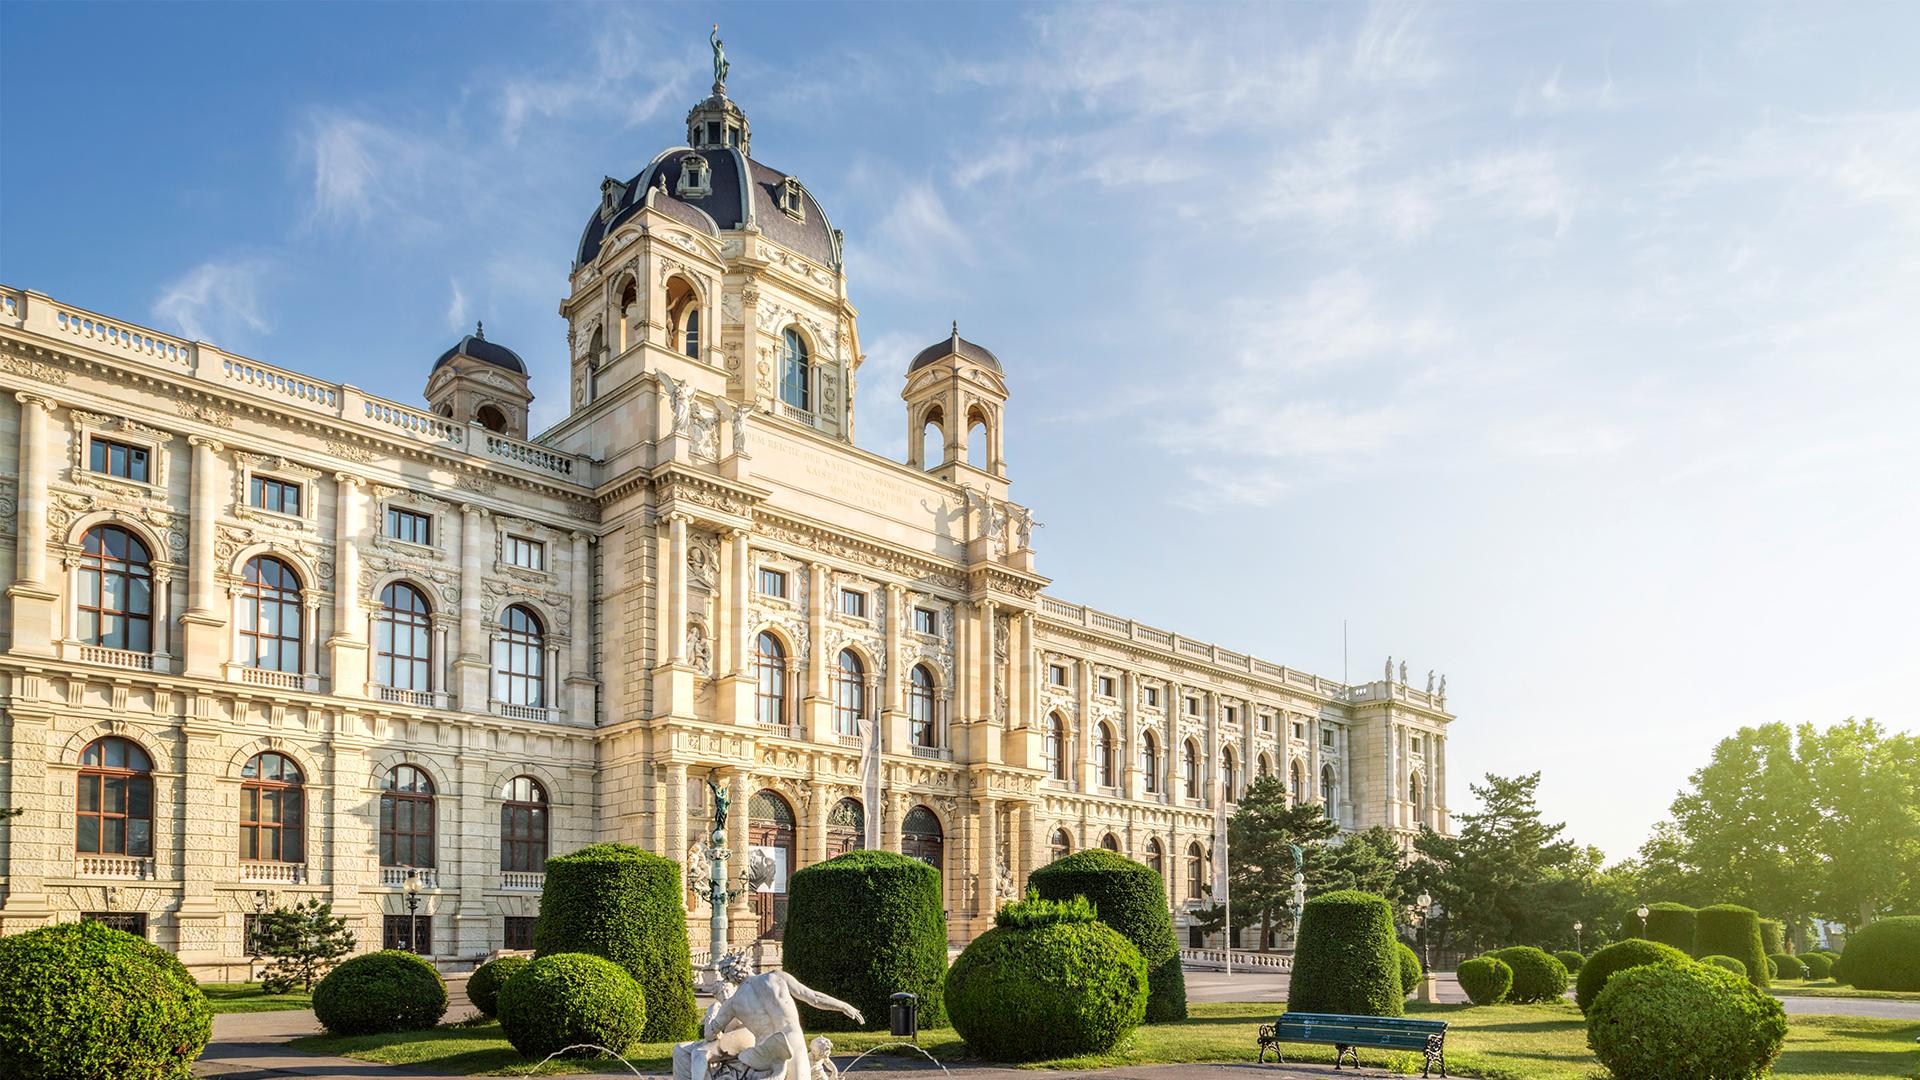 Österreich_Wien_Kunsthistorisches_Museum_16_9